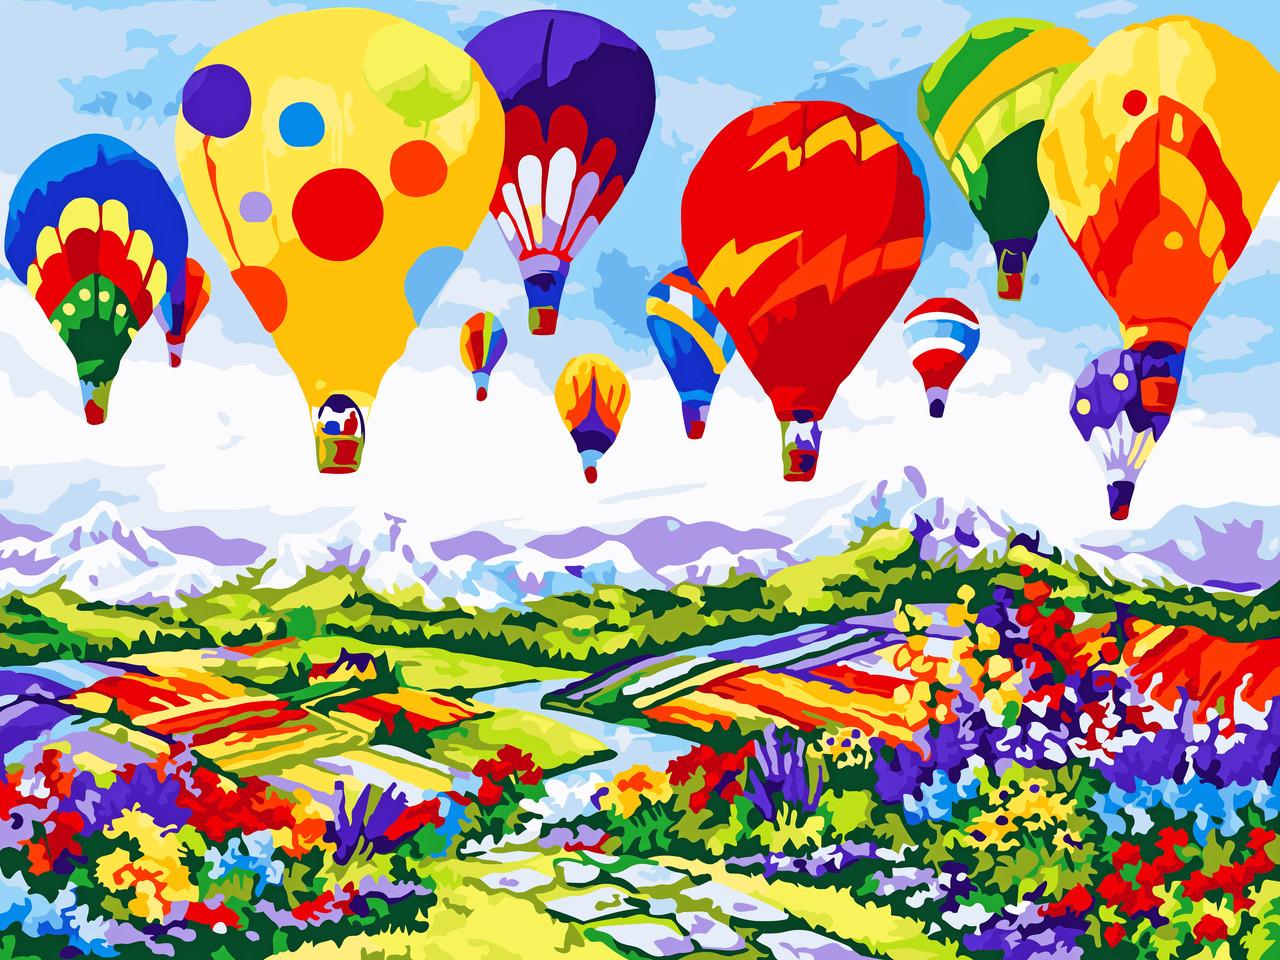 Художественный творческий набор, картина по номерам Воздушные шары, 40x30 см, «Art Story» (AS0598)